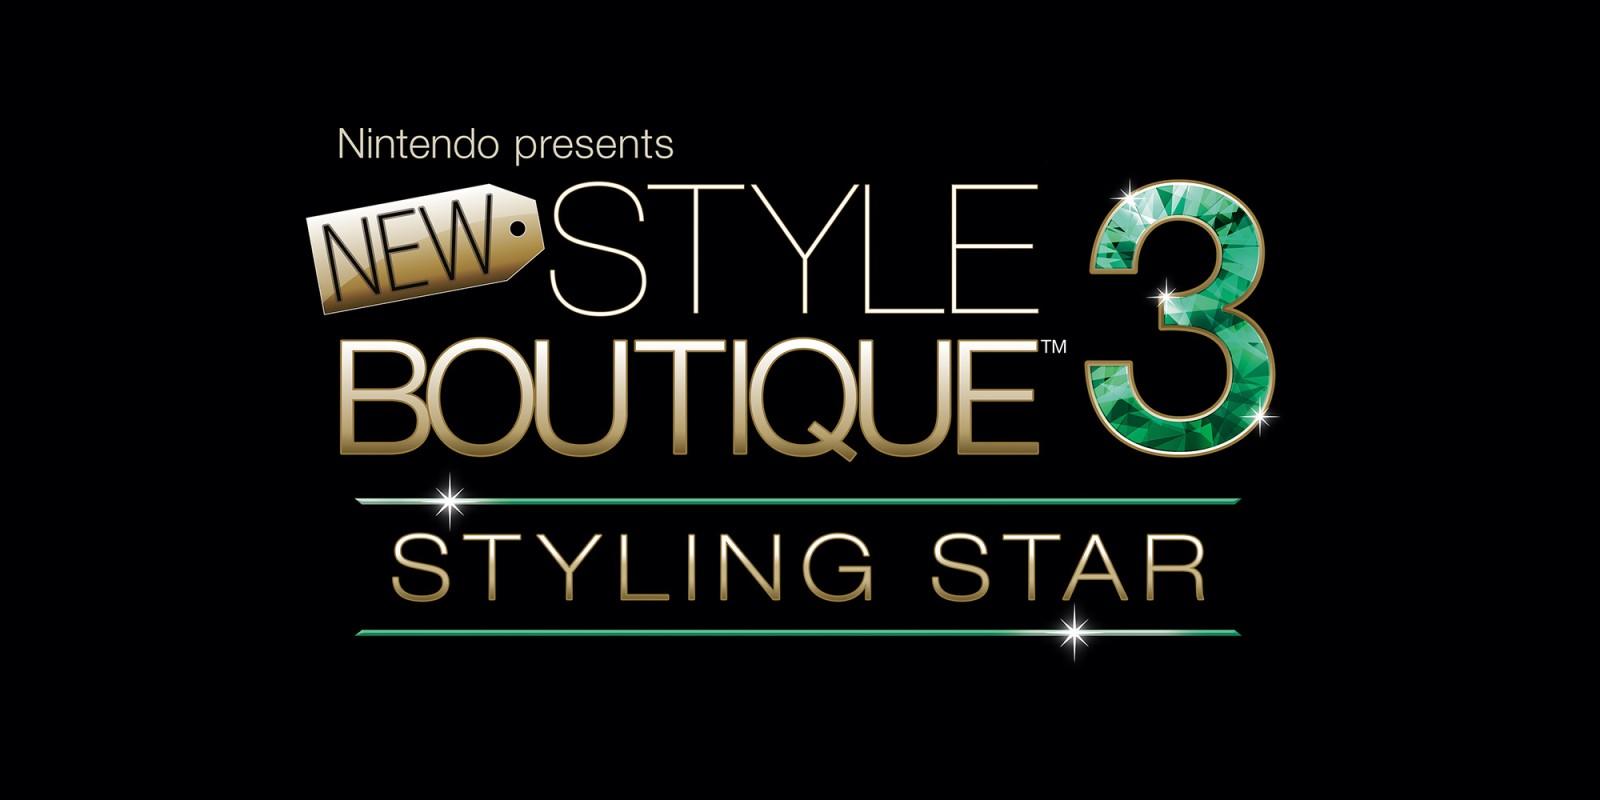 Nintendo anuncia New Style Boutique 3: Styling Star  para Nintendo 3DS no Japão e Europa